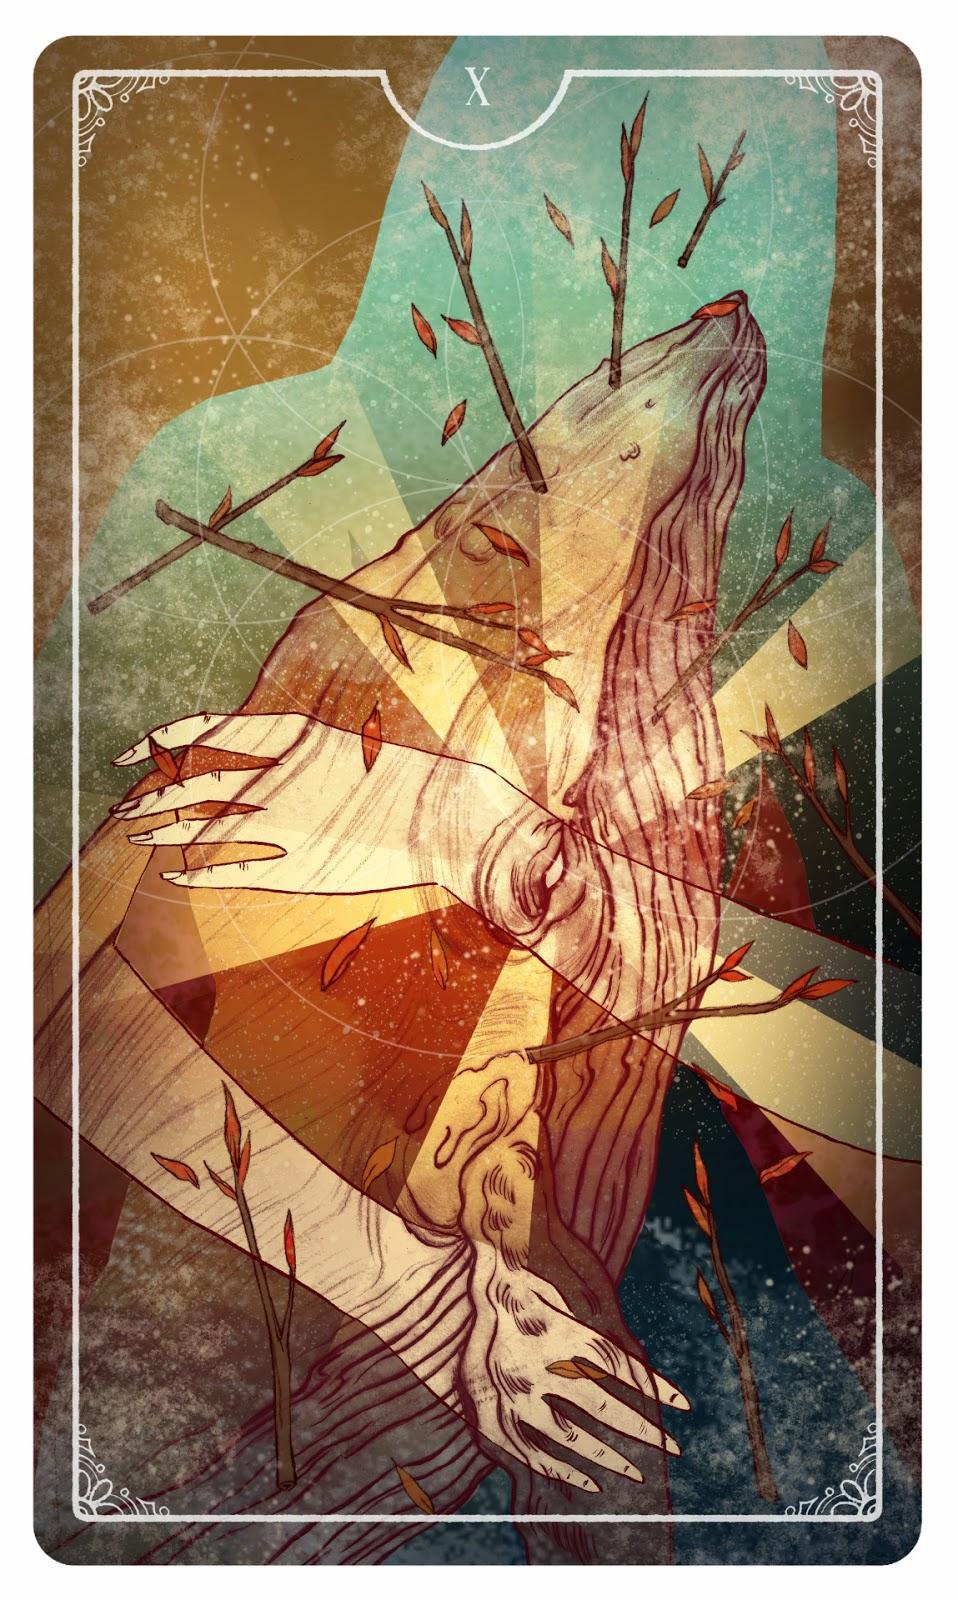 http://juliairedale.tumblr.com/post/108199053179/ostaratarot-ten-of-wands-julia-iredale-new